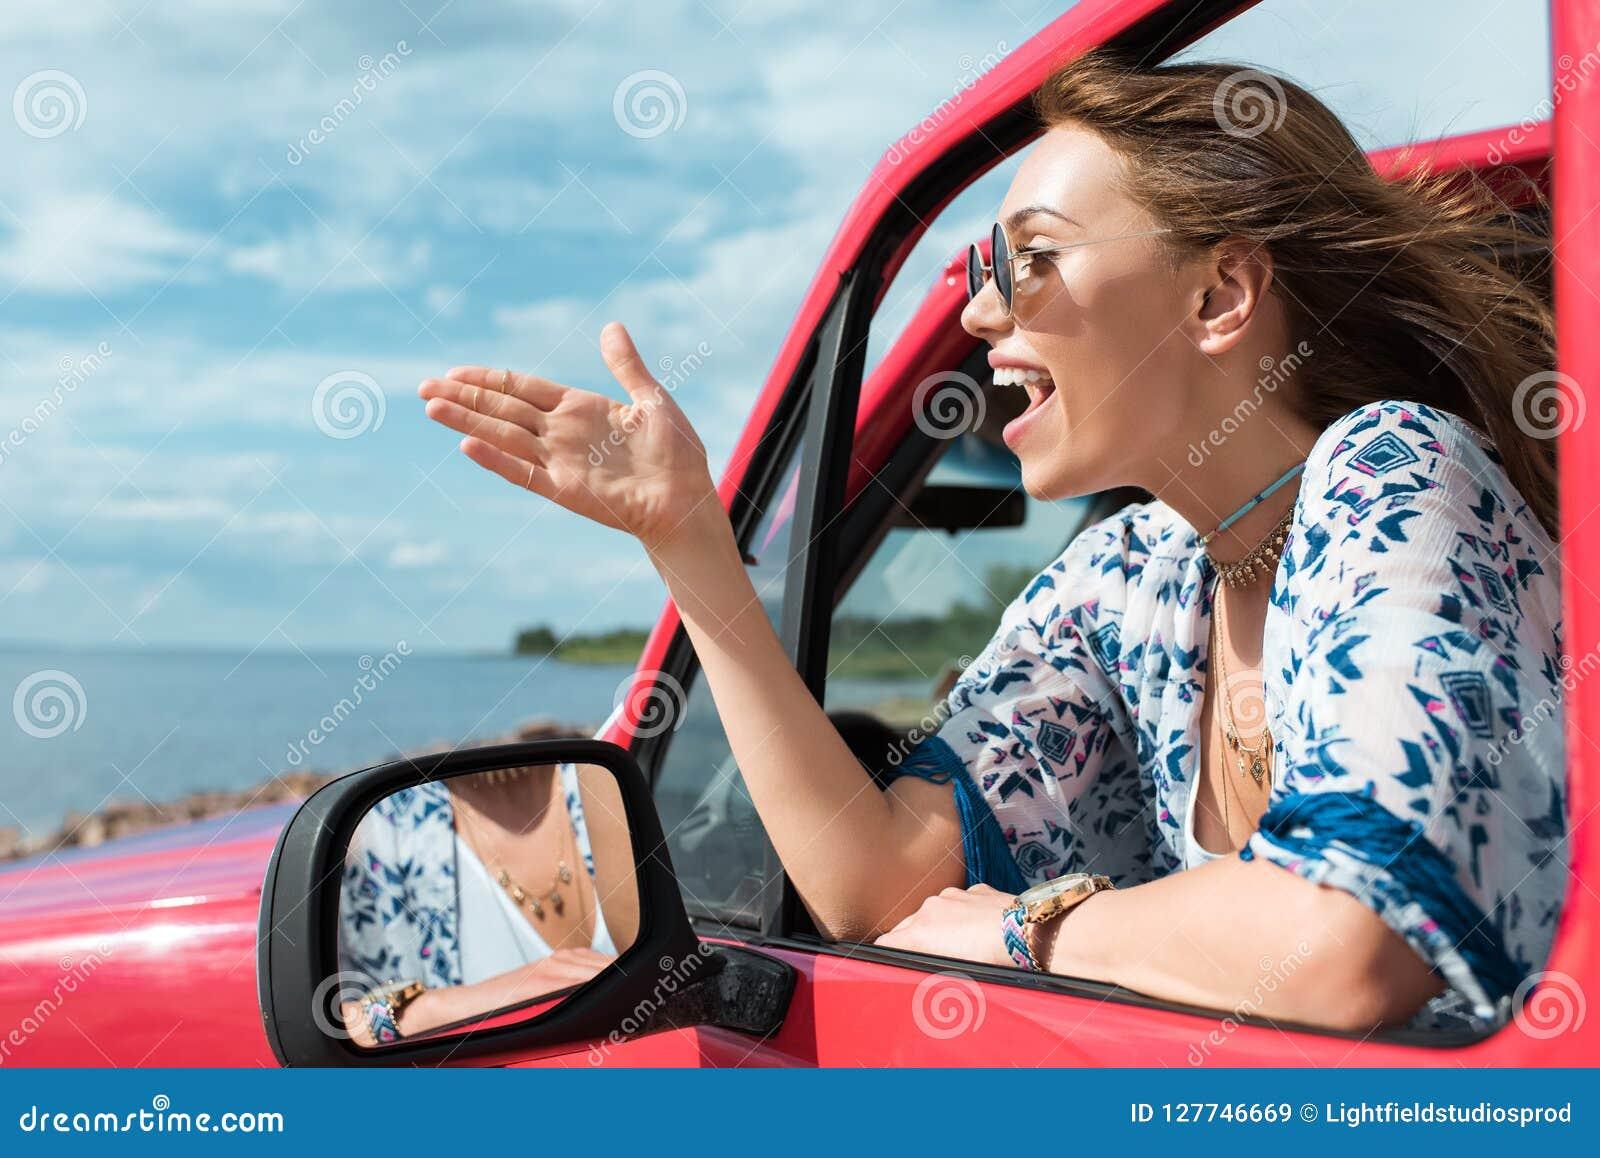 жизнерадостная молодая женщина показывая жестами и говоря в автомобиле